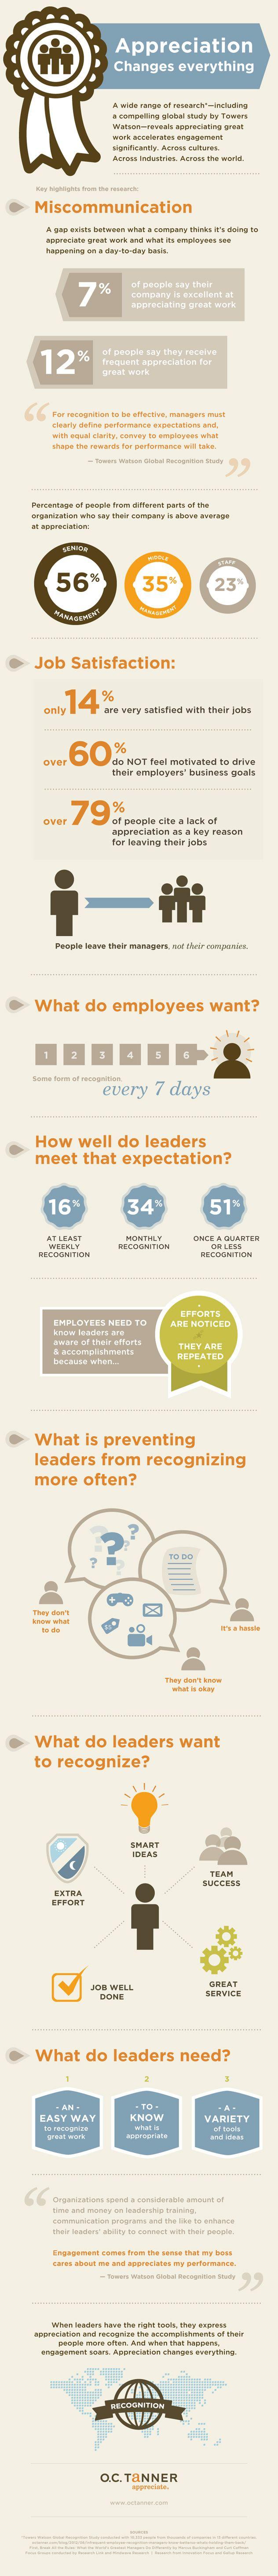 De Infographic is afkomstig van OCTanner. Het laat zien dan het met de waardering van medewerkers momenteel ('crisis') maar magertjes is gesteld: 56% van de managers is van mening dat zij hun medewerkers waarderen, 12% van de medewerkers is het met hen eens….  In de entry (klik op de pin) combineer ik dit met een ander onderzoek dat laat zien dat onbeschoftheid op de werkvloer ook toeneemt.....